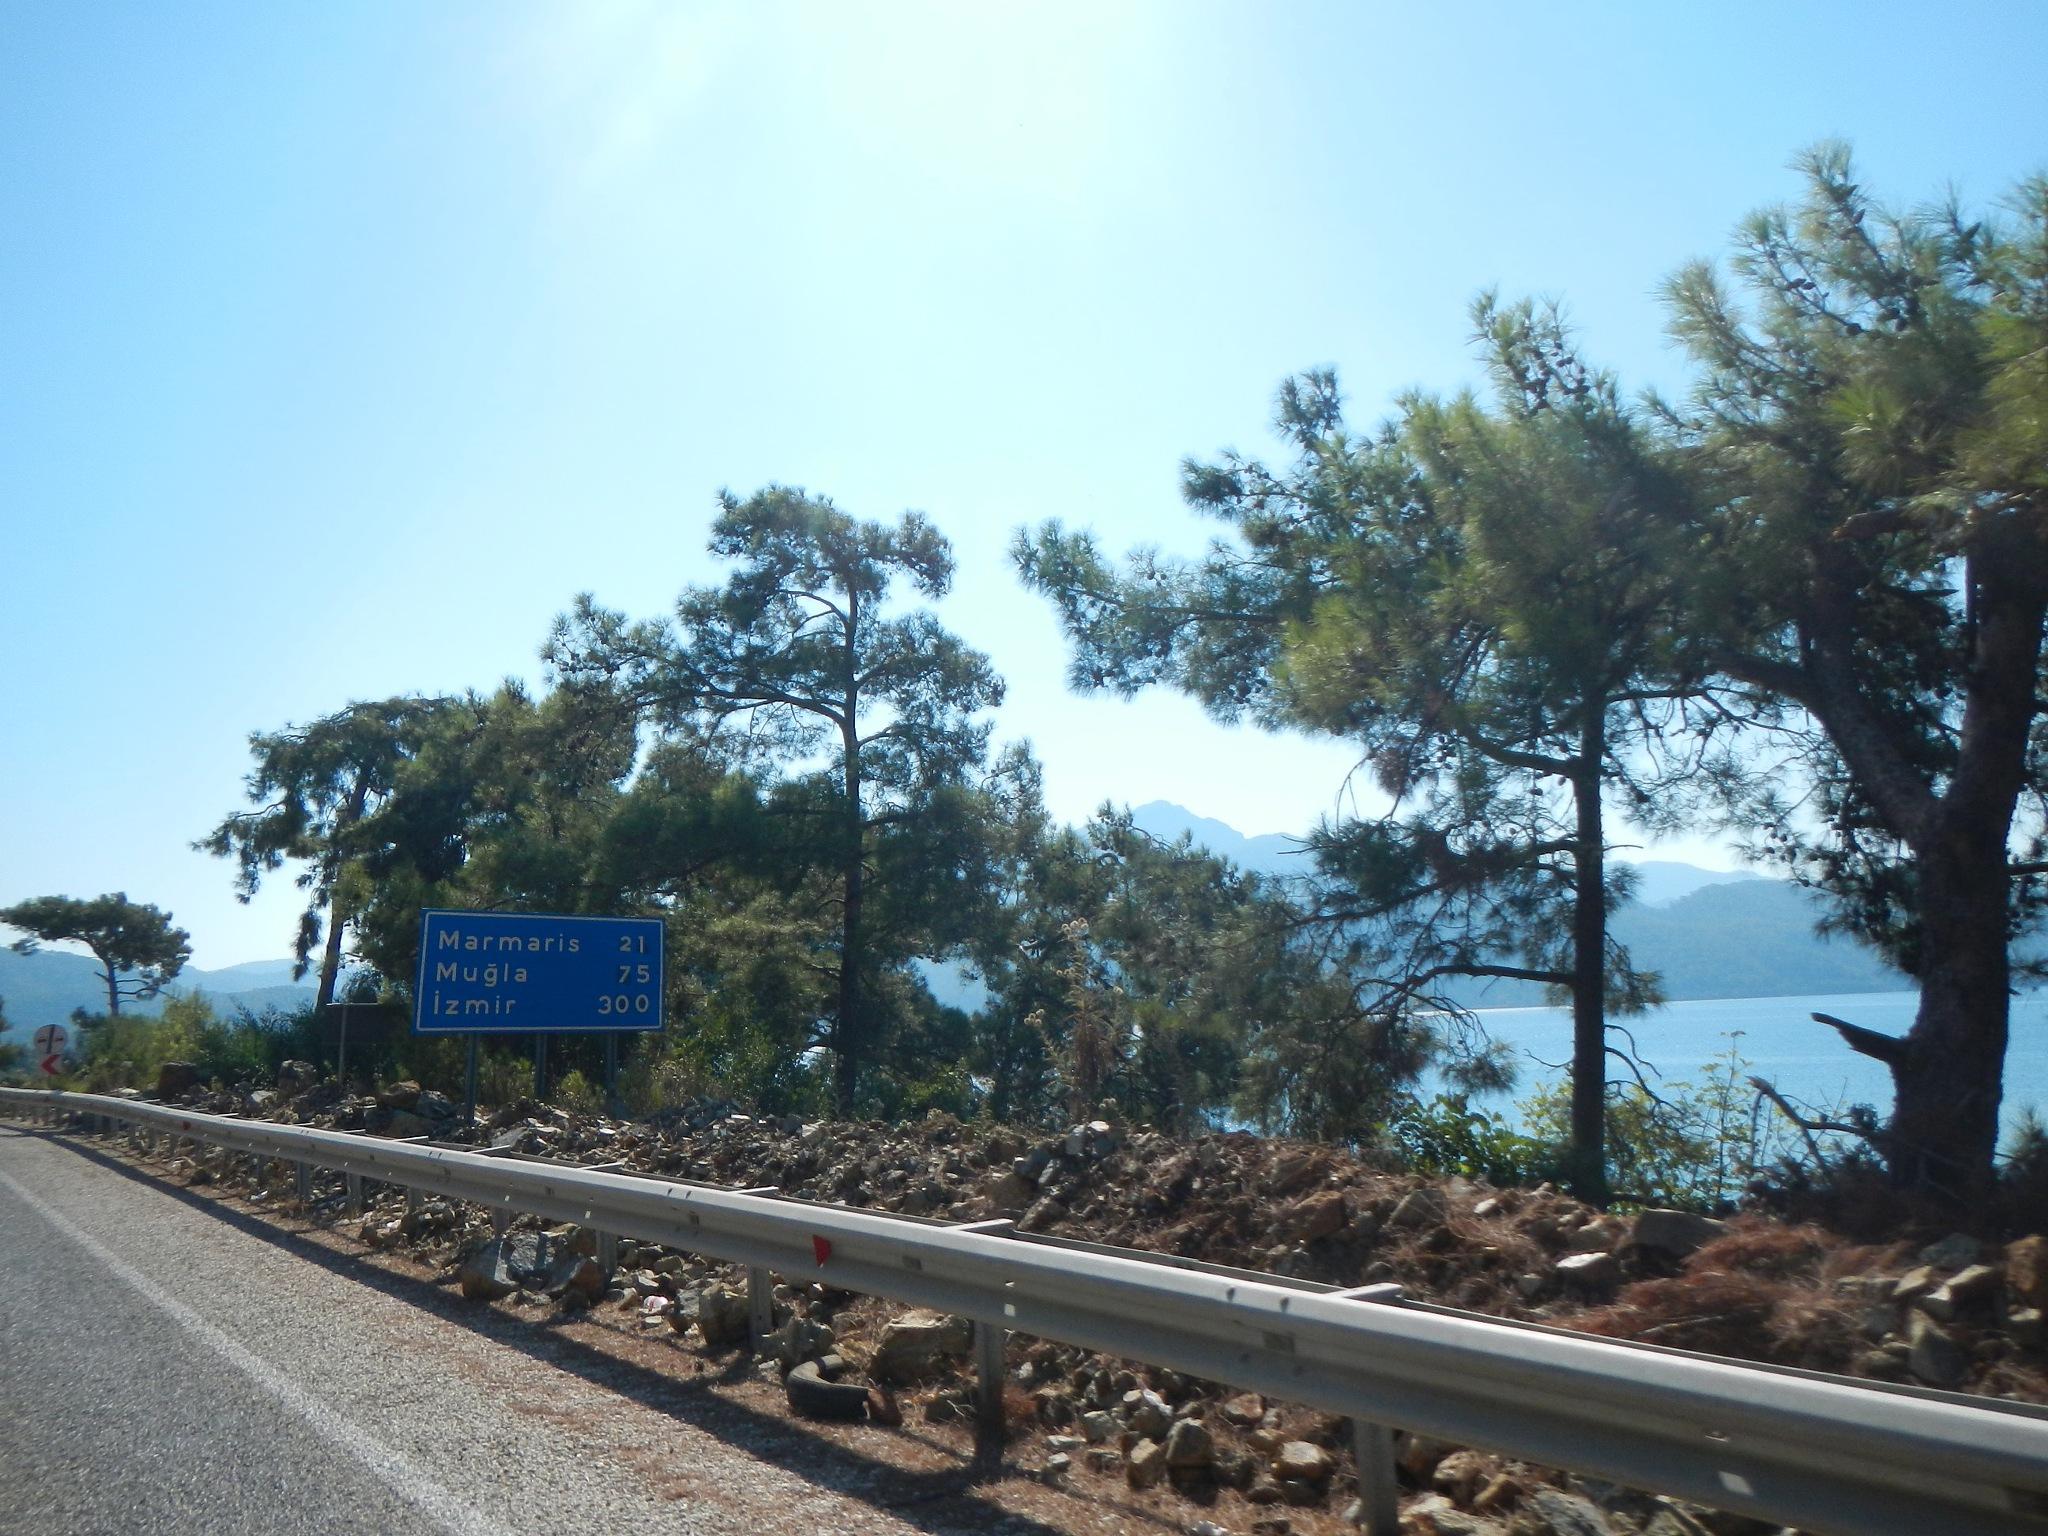 Traveling by motor 5 by Saygın Saner